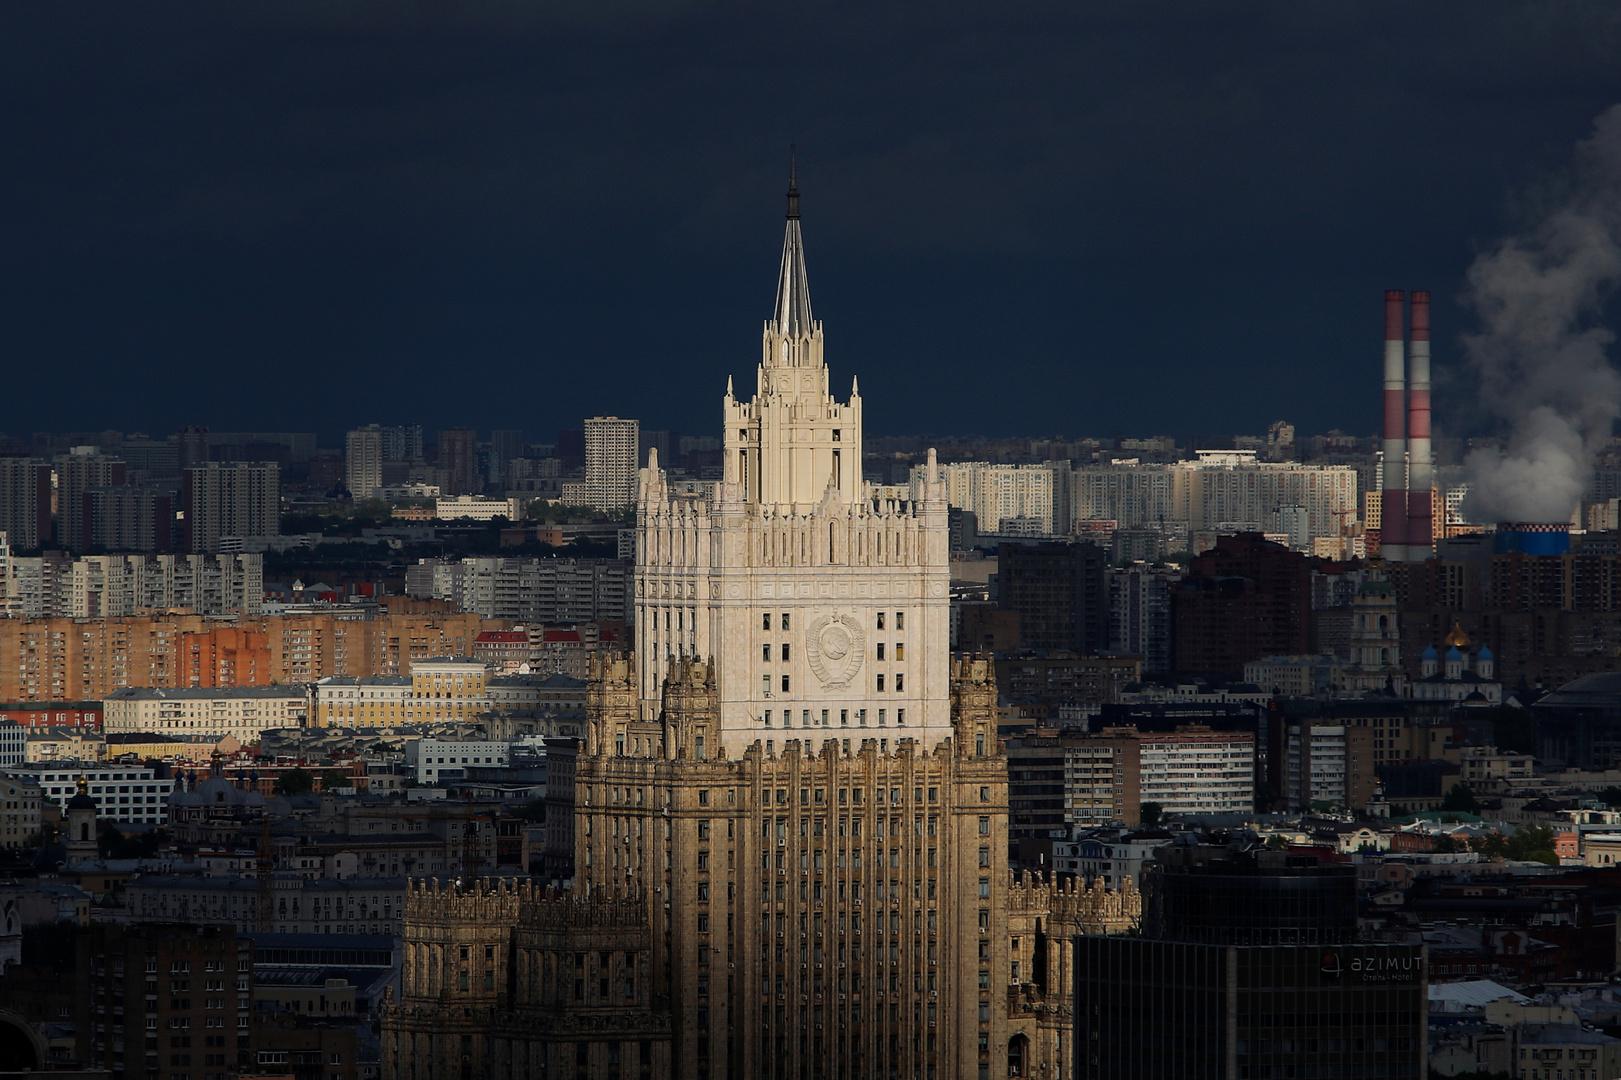 الخارجية الروسية: اتهام واشنطن لطهران بأنها ملاذ لتنظيم القاعدة لا دليل على صحته